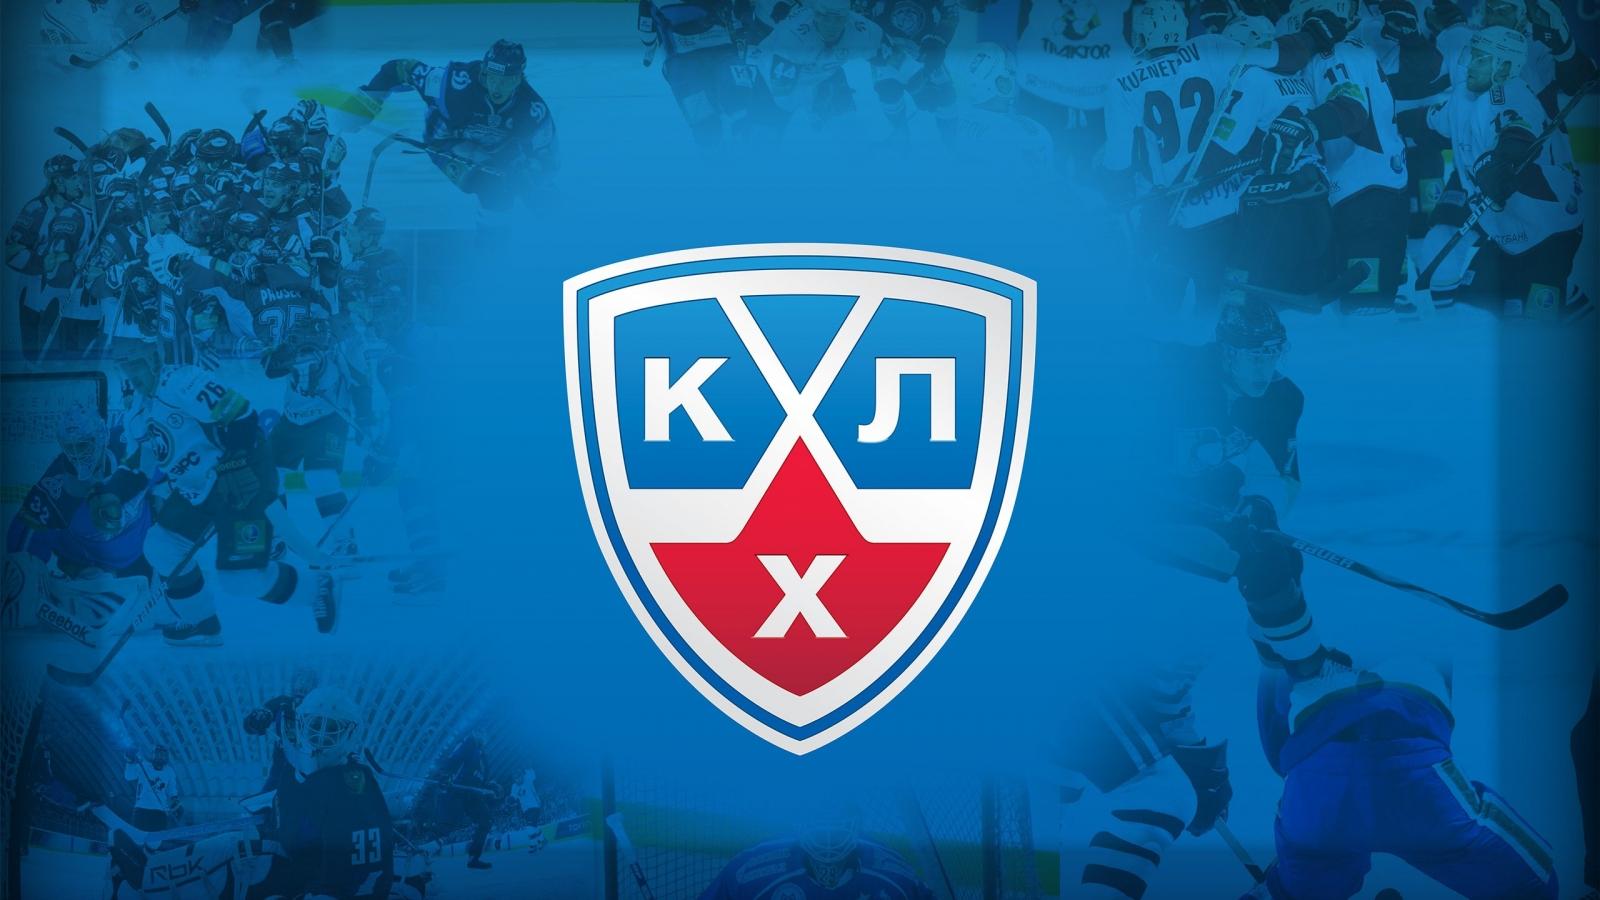 download CHL hockey sports mascot KHL wallpaper 2560x1600 1600x900